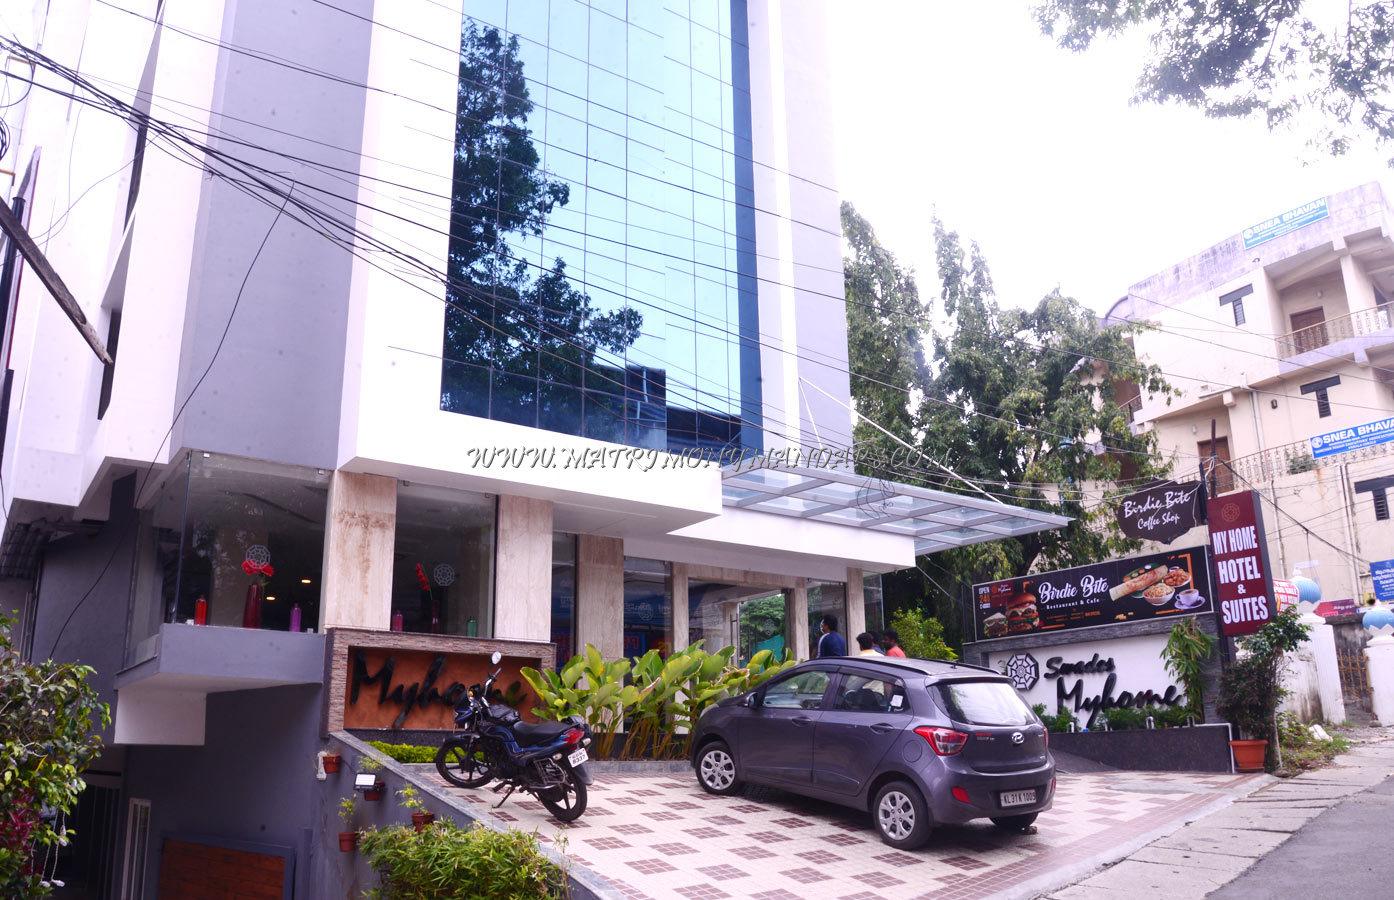 Find More Banquet Halls in Pattom